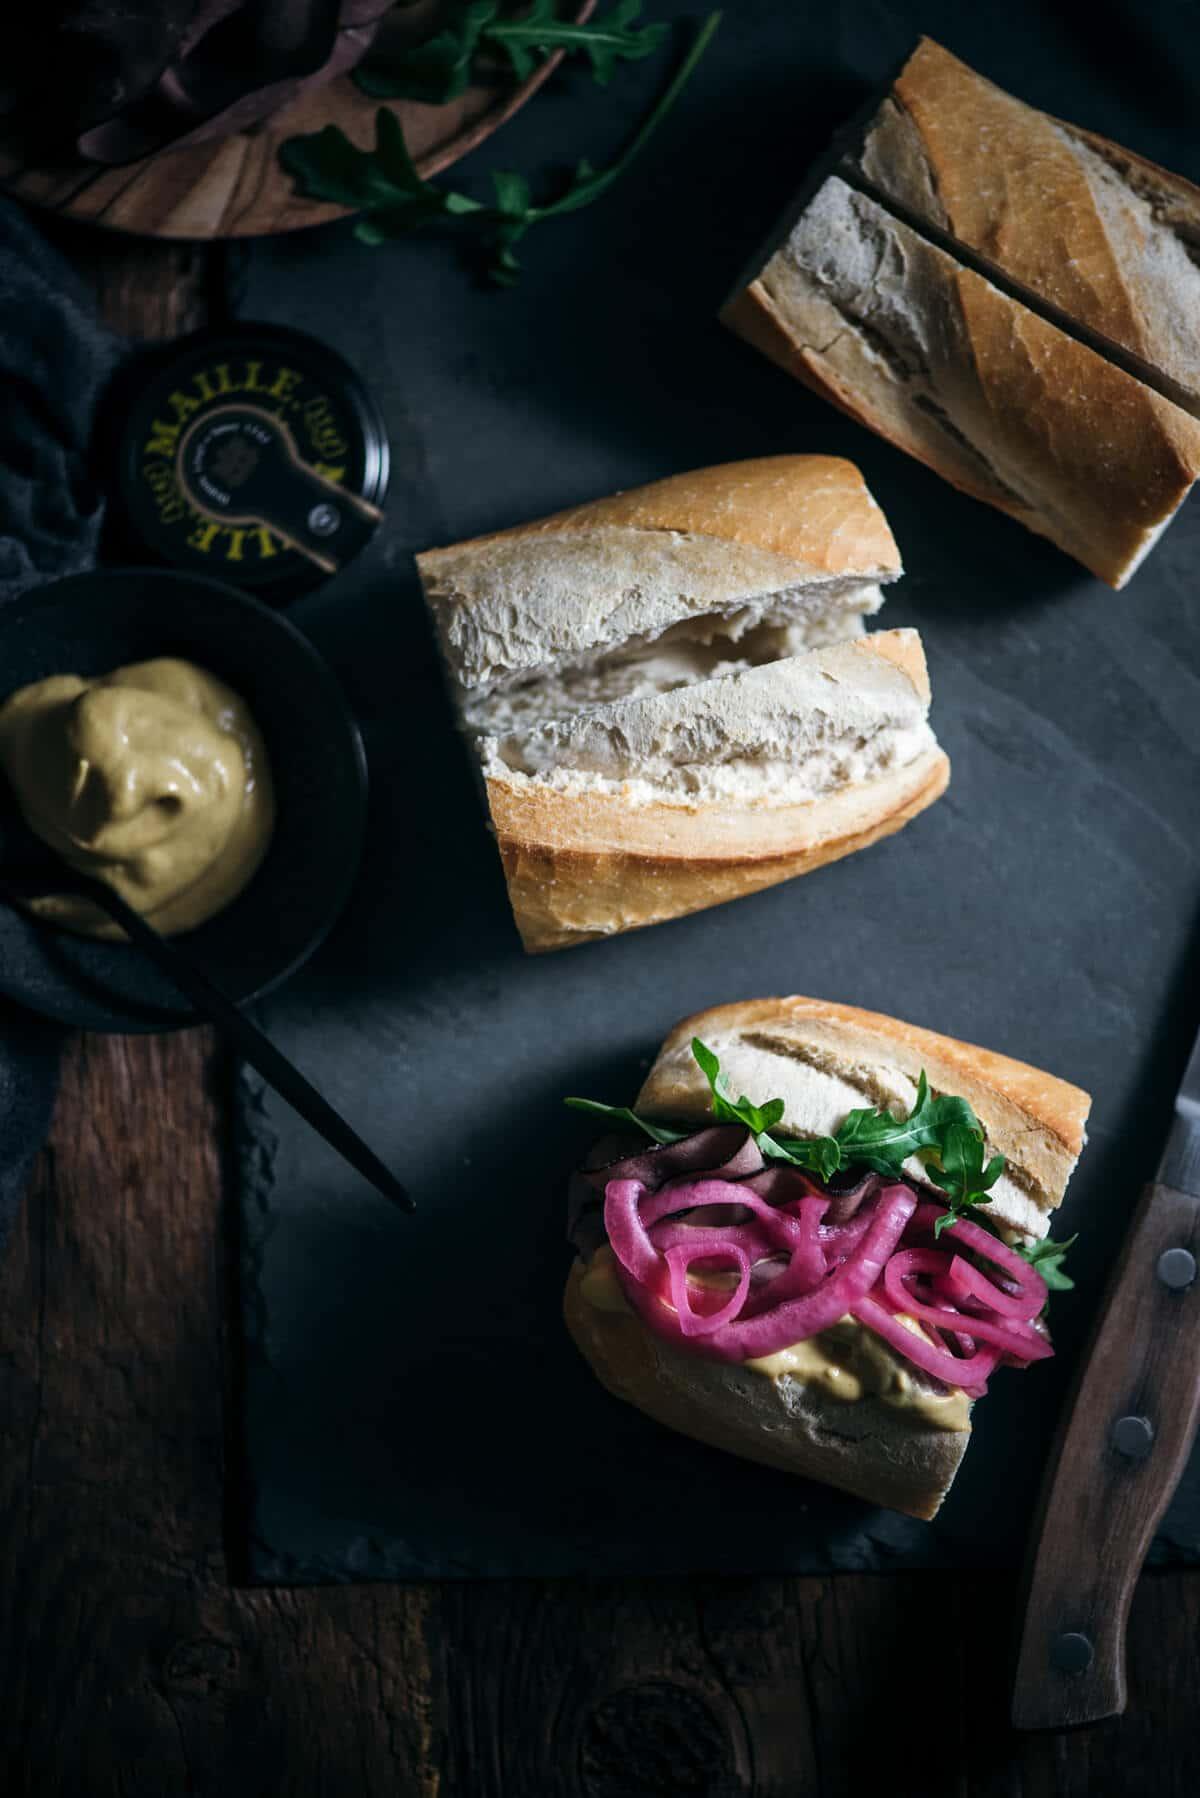 Making an easy roast beef sandwich